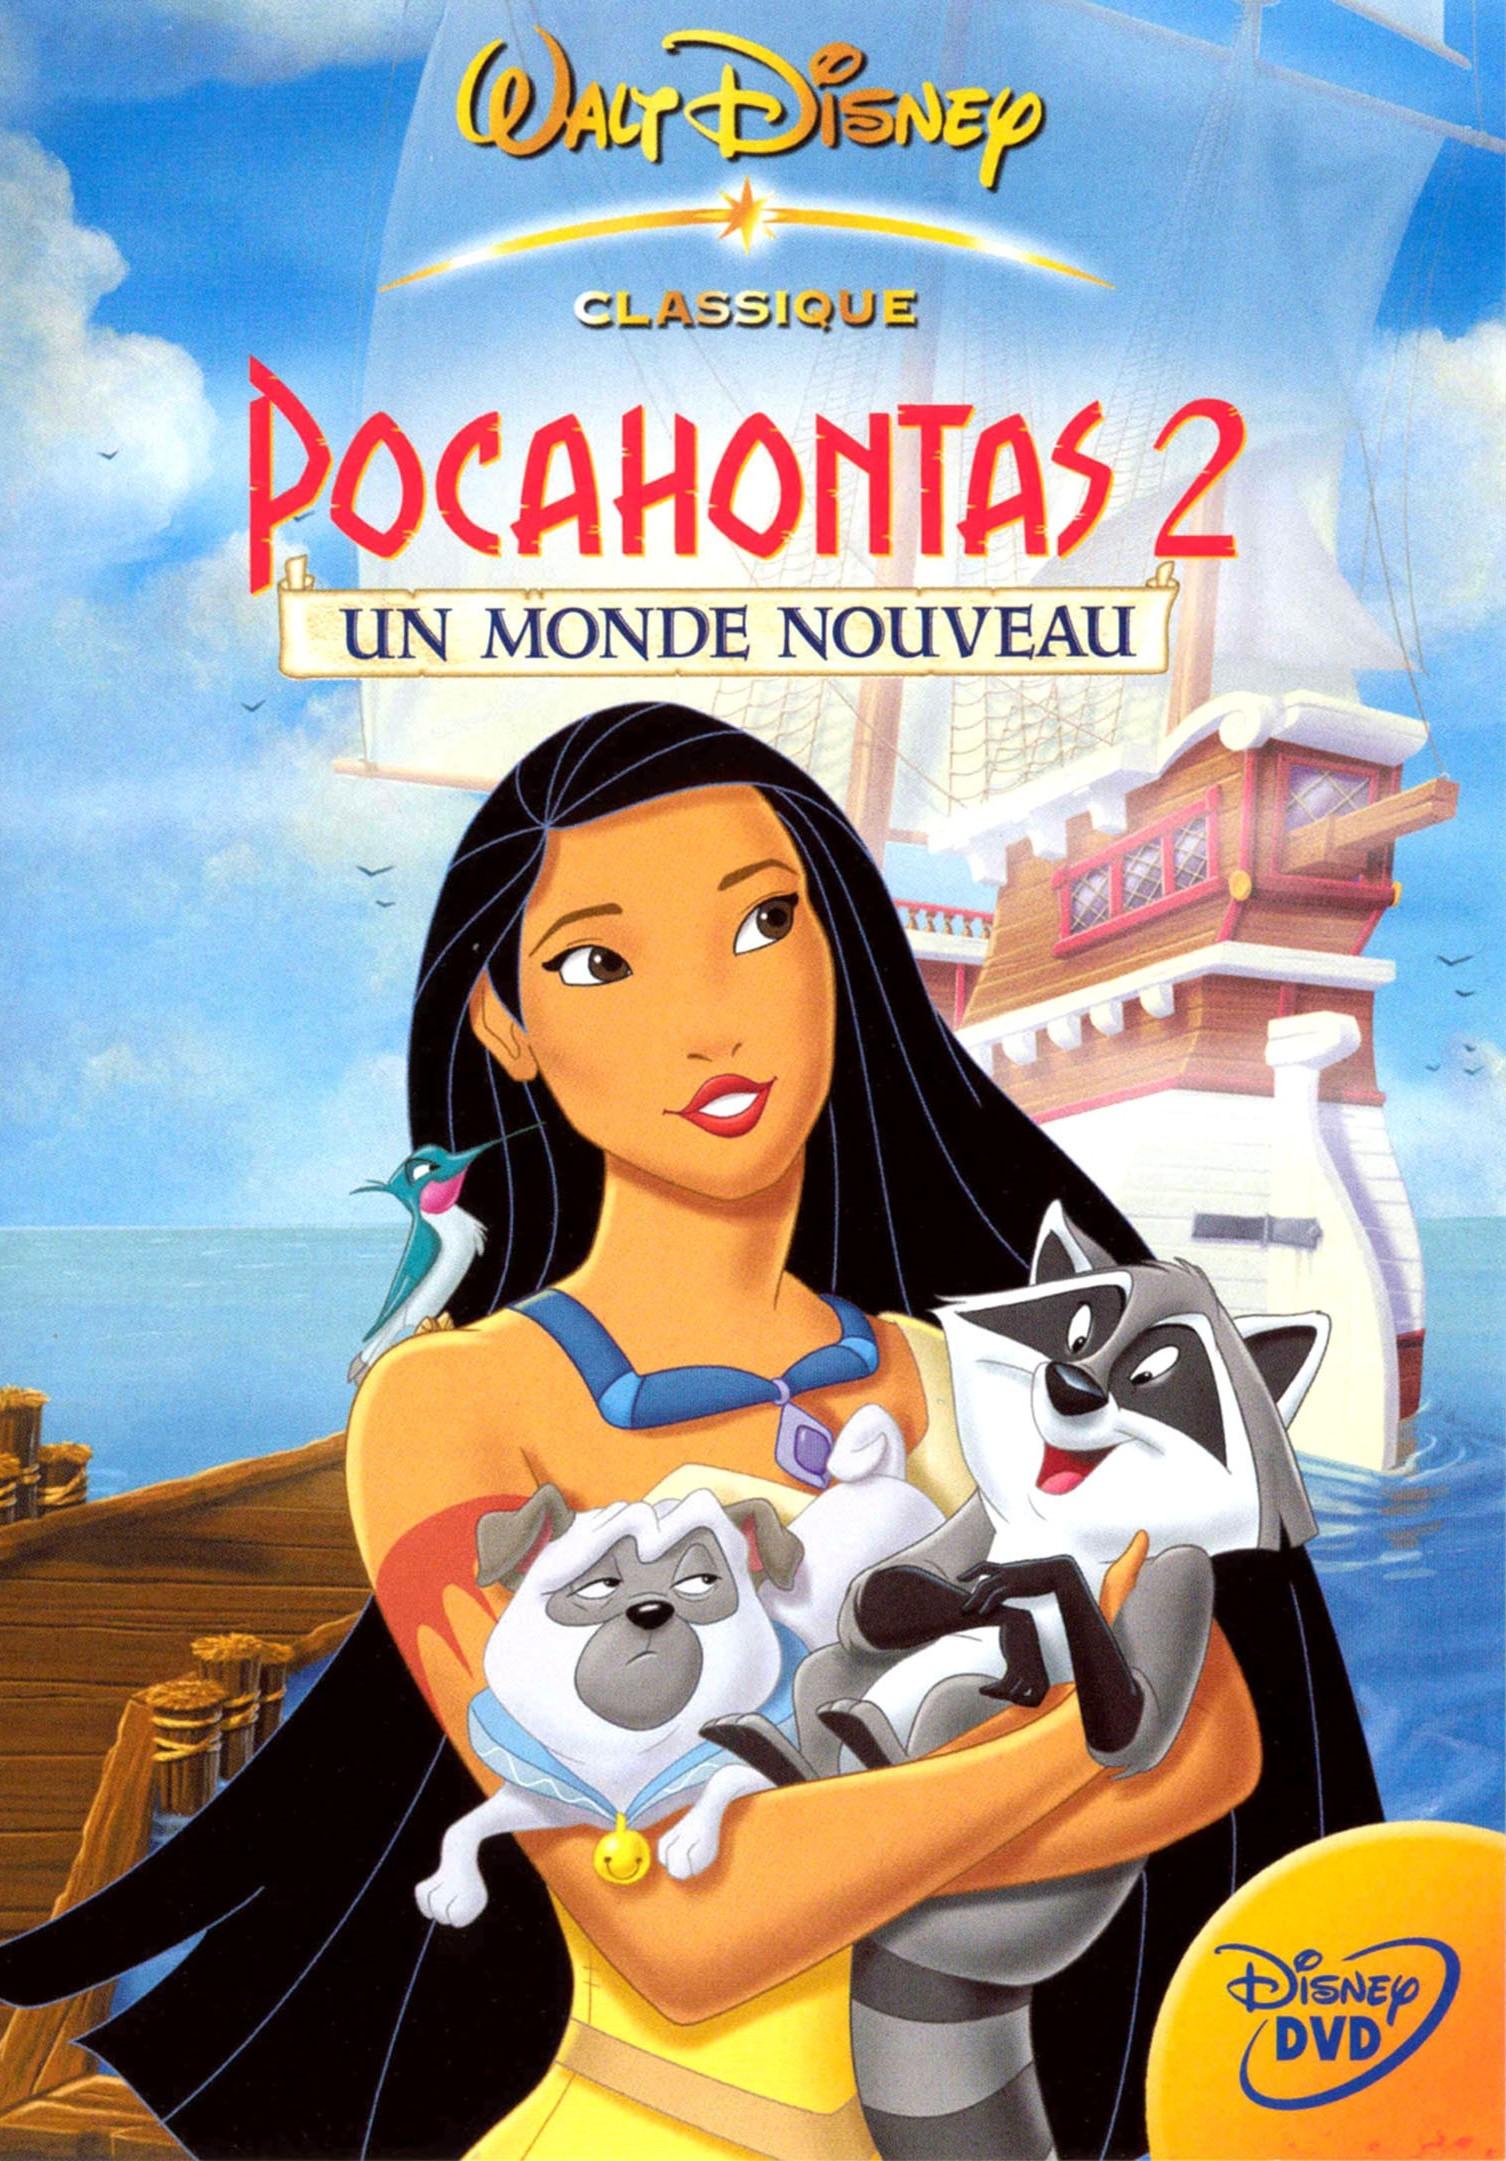 affiche poster pocahontas 2 monde nouveau journey new world disney